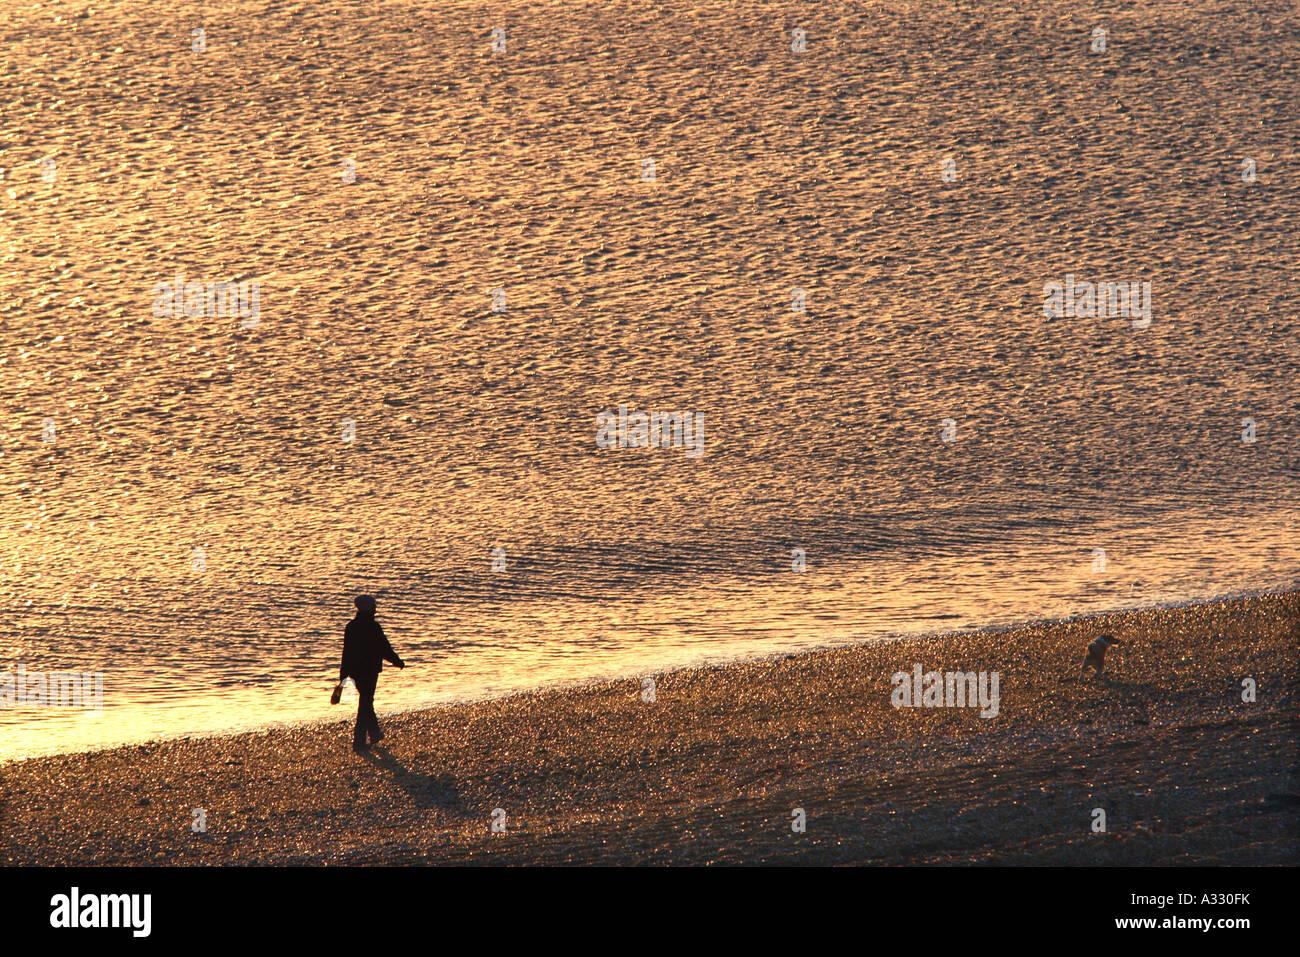 Persona caminando a su perro a lo largo de la línea de la orilla de una playa de guijarros Imagen De Stock